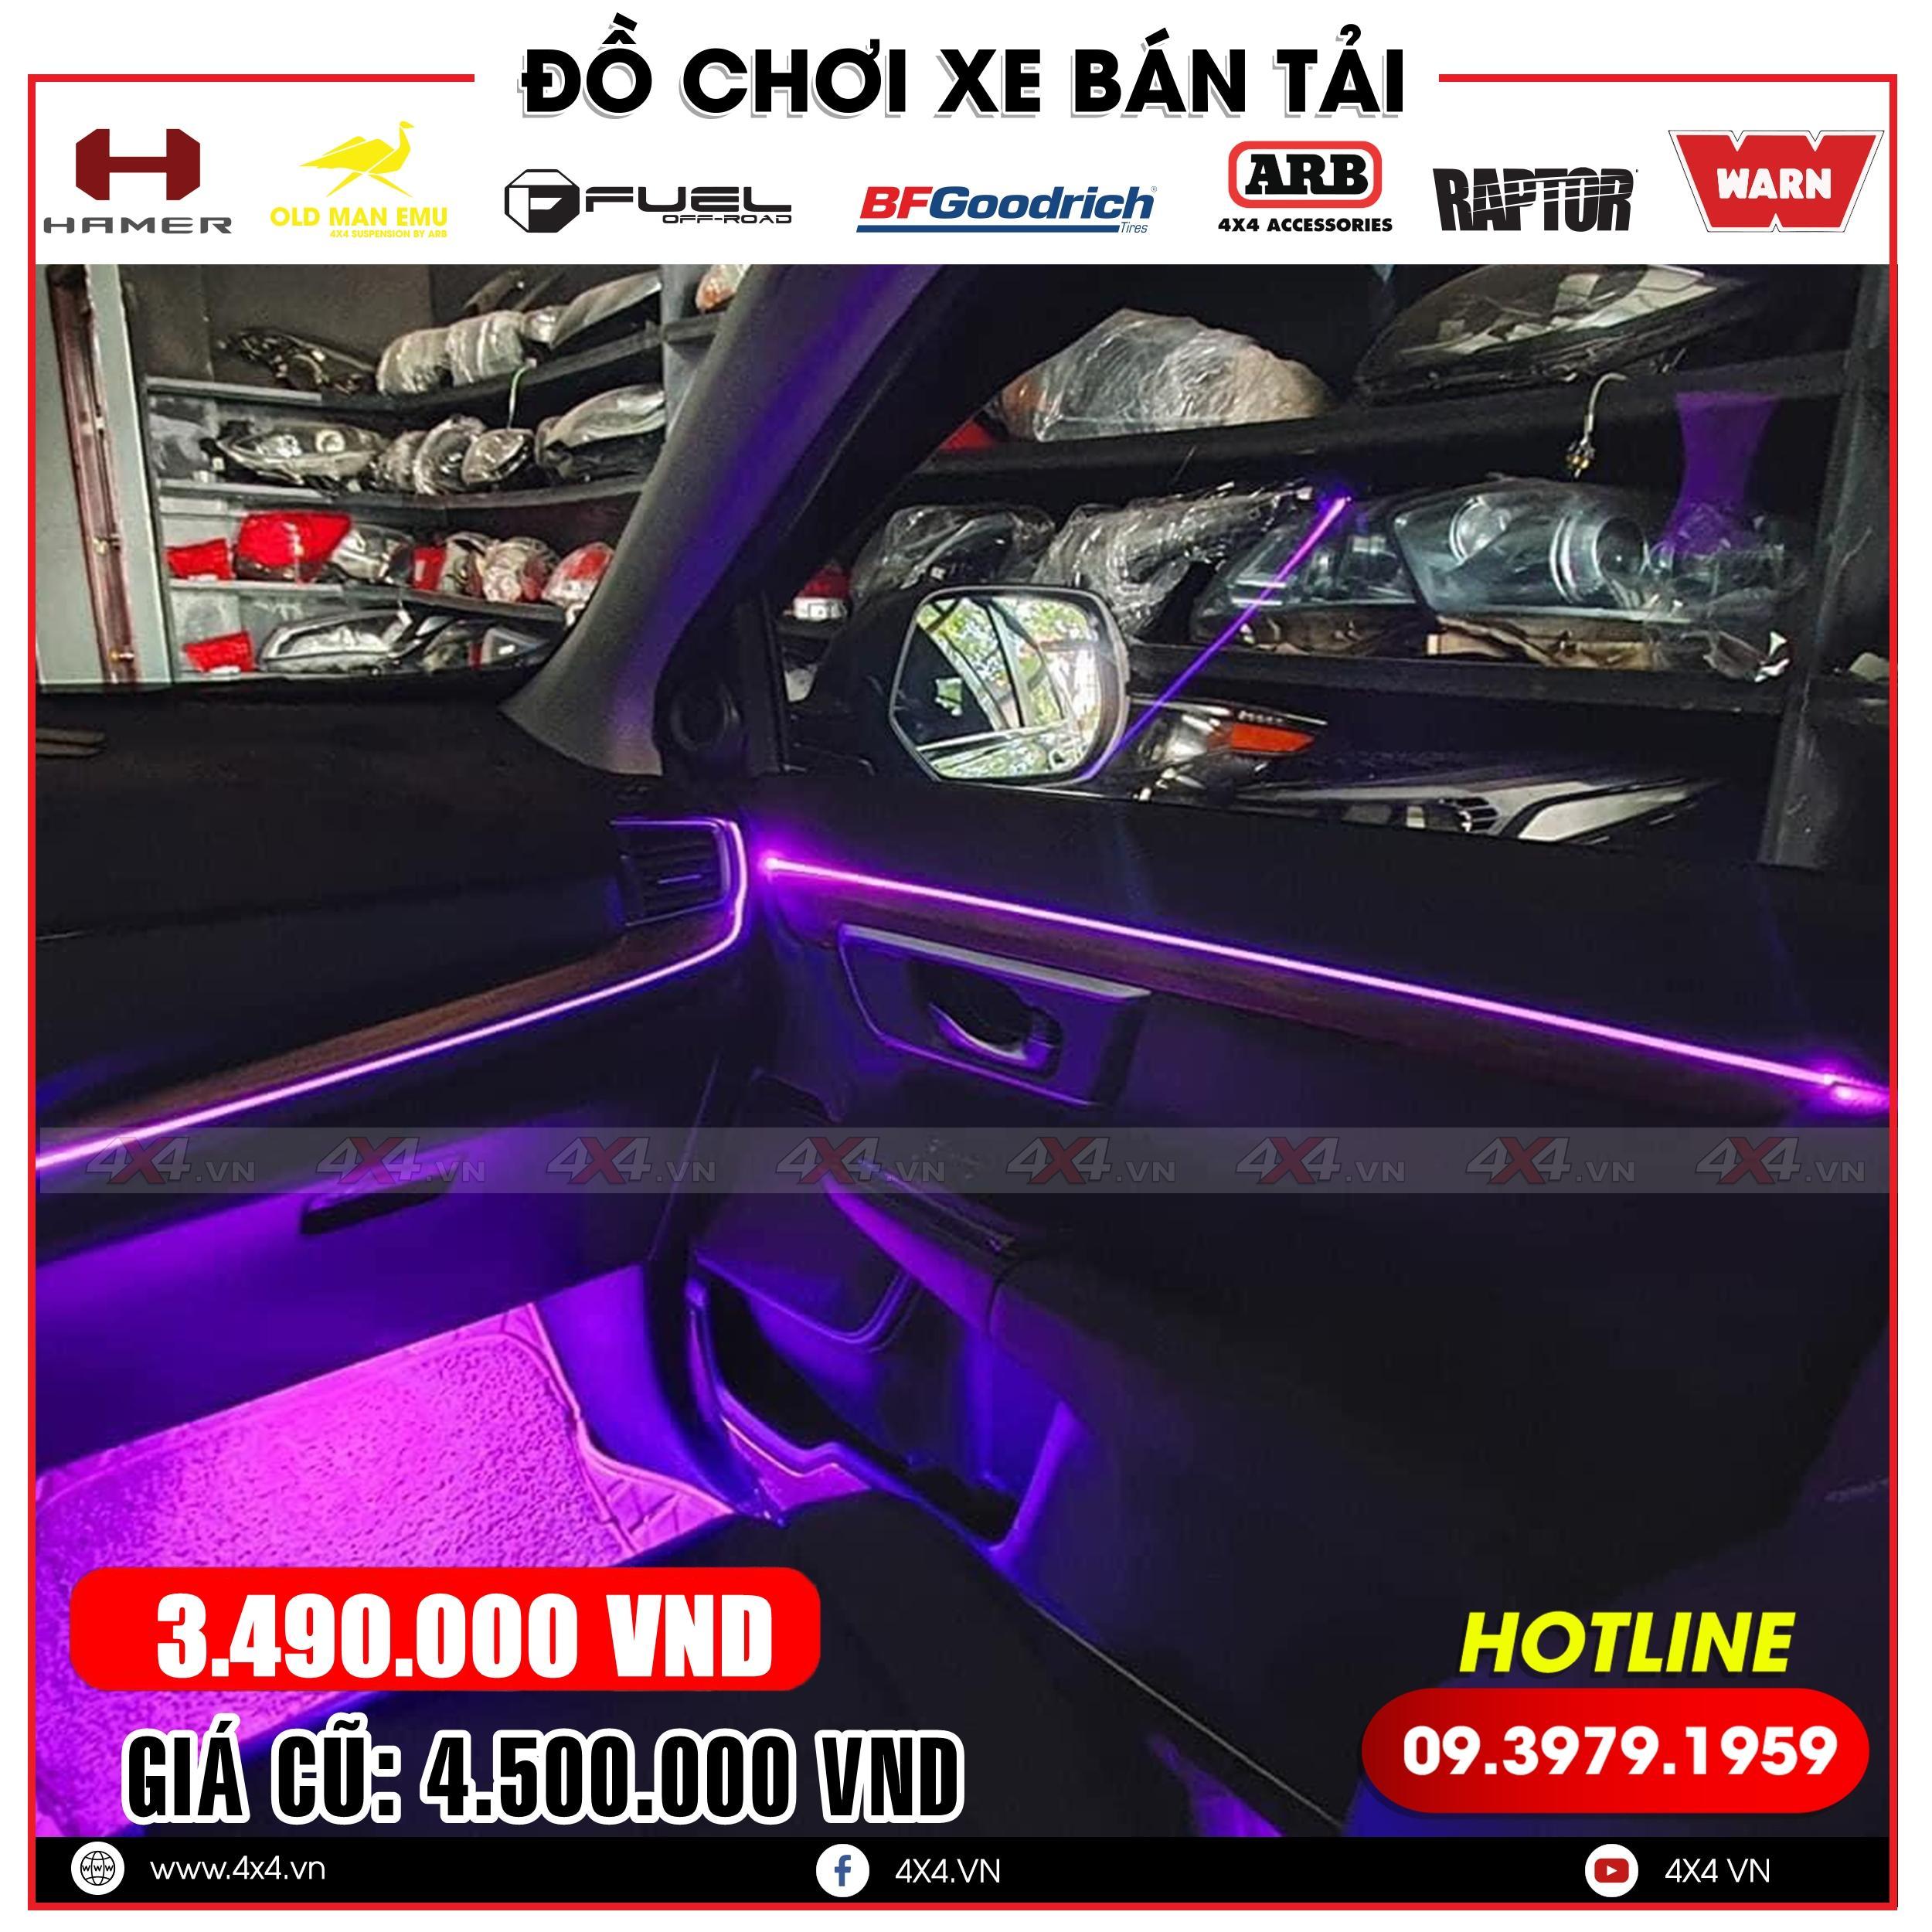 Xe ô tô Hyundai độ viền đèn led nội thất đẹp và đẳng cấp